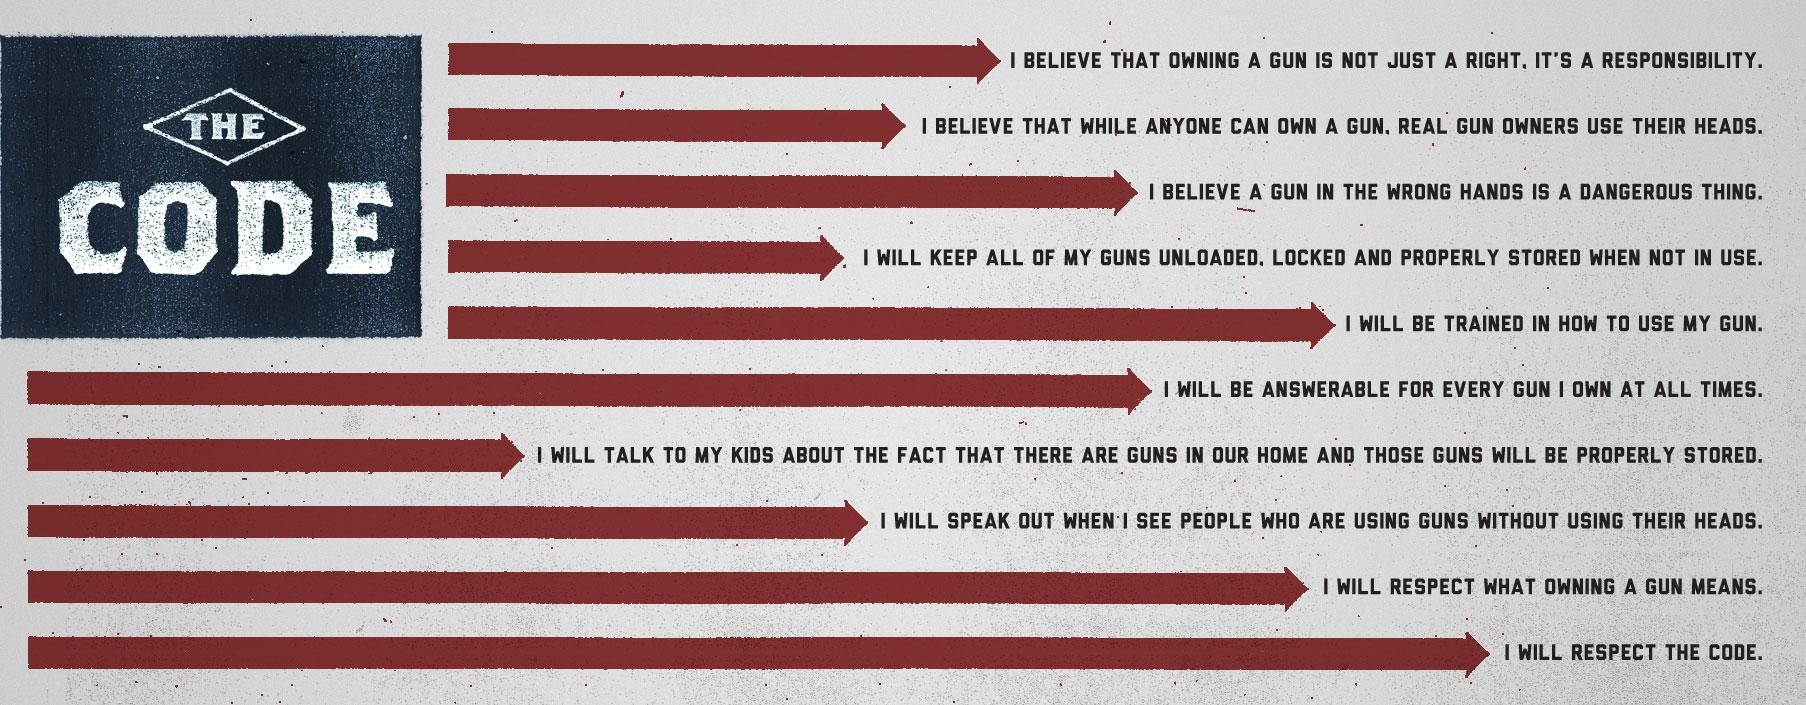 le code des armes à feu aux Etats-Unis par Evolve